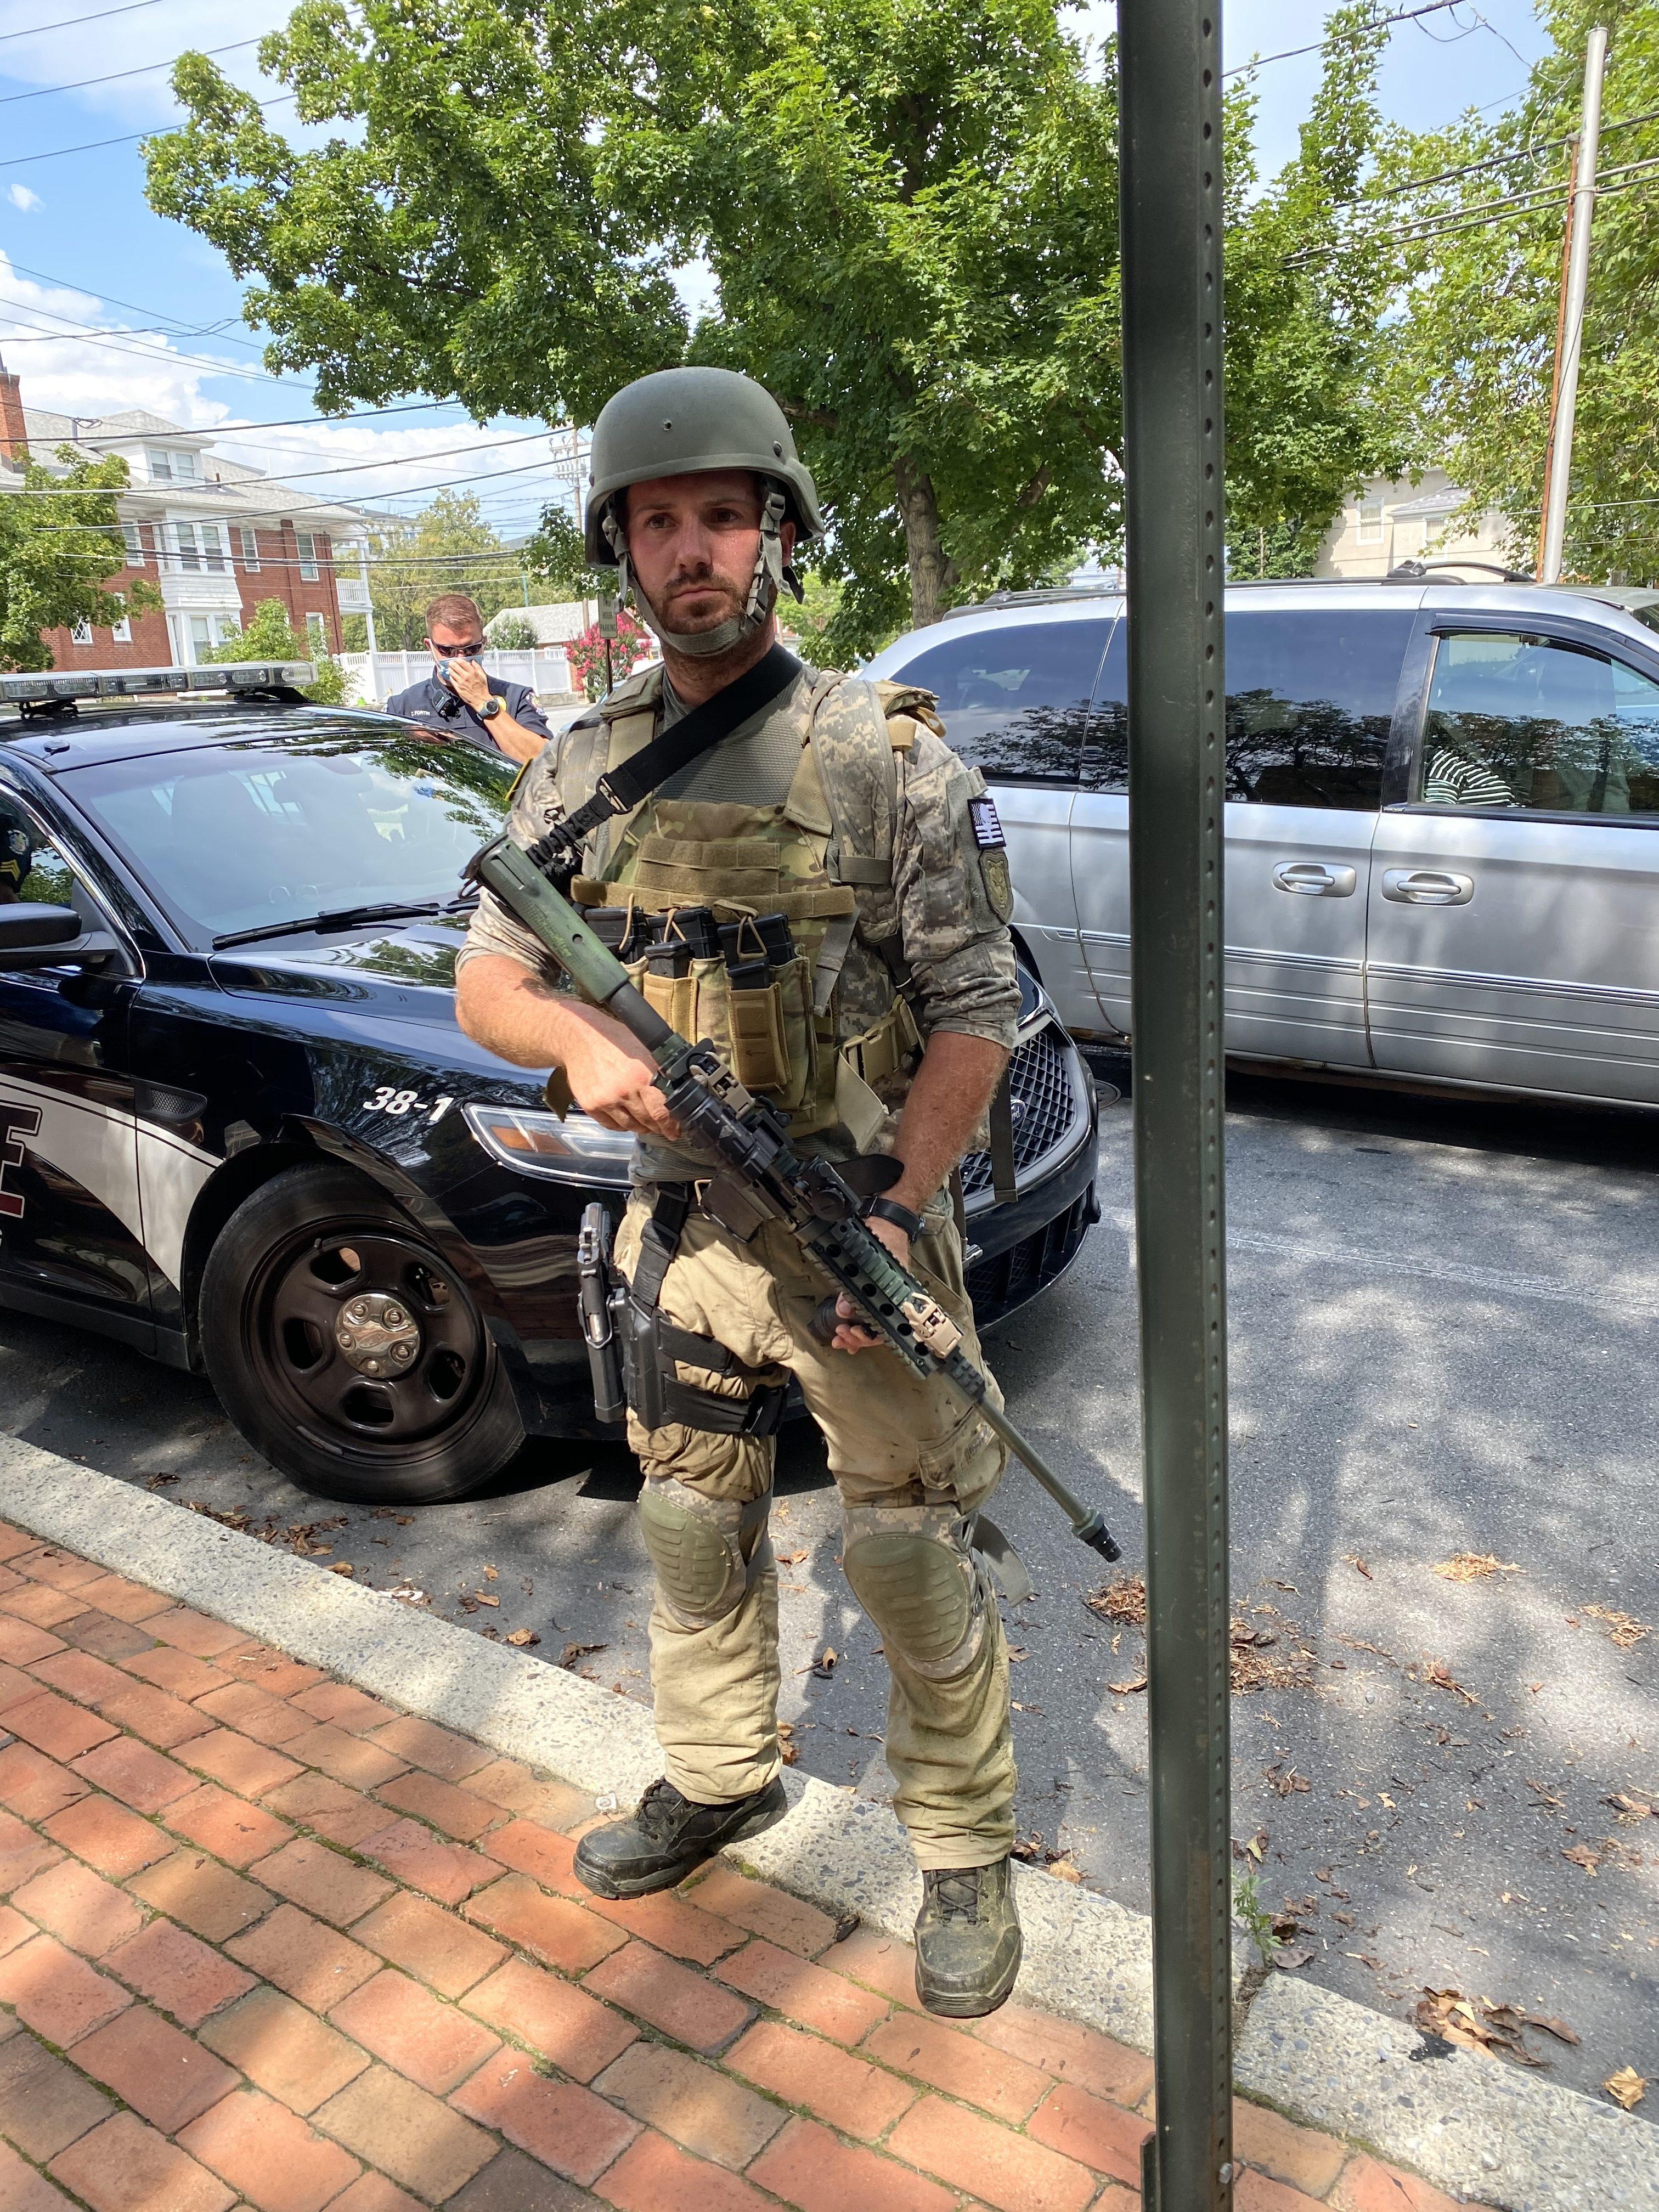 A self-described militia member